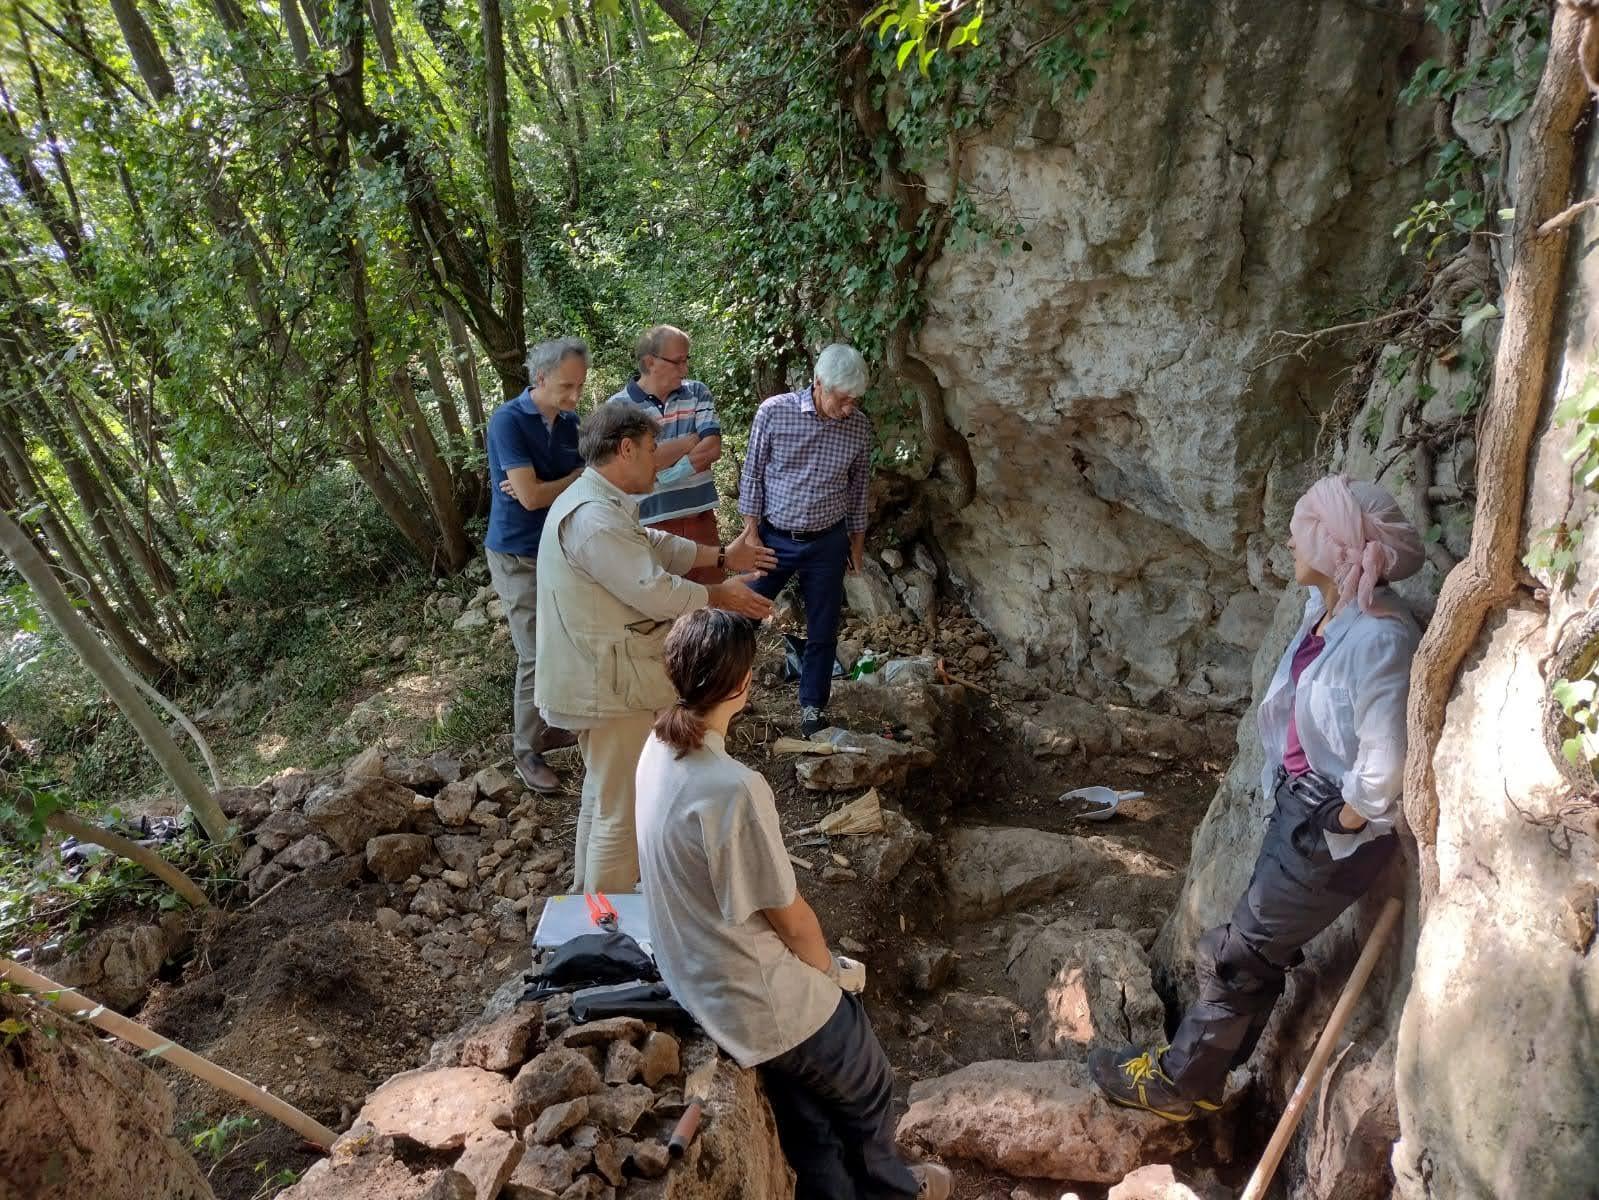 La più antica uva della Valpolicella ha 6.300 anni